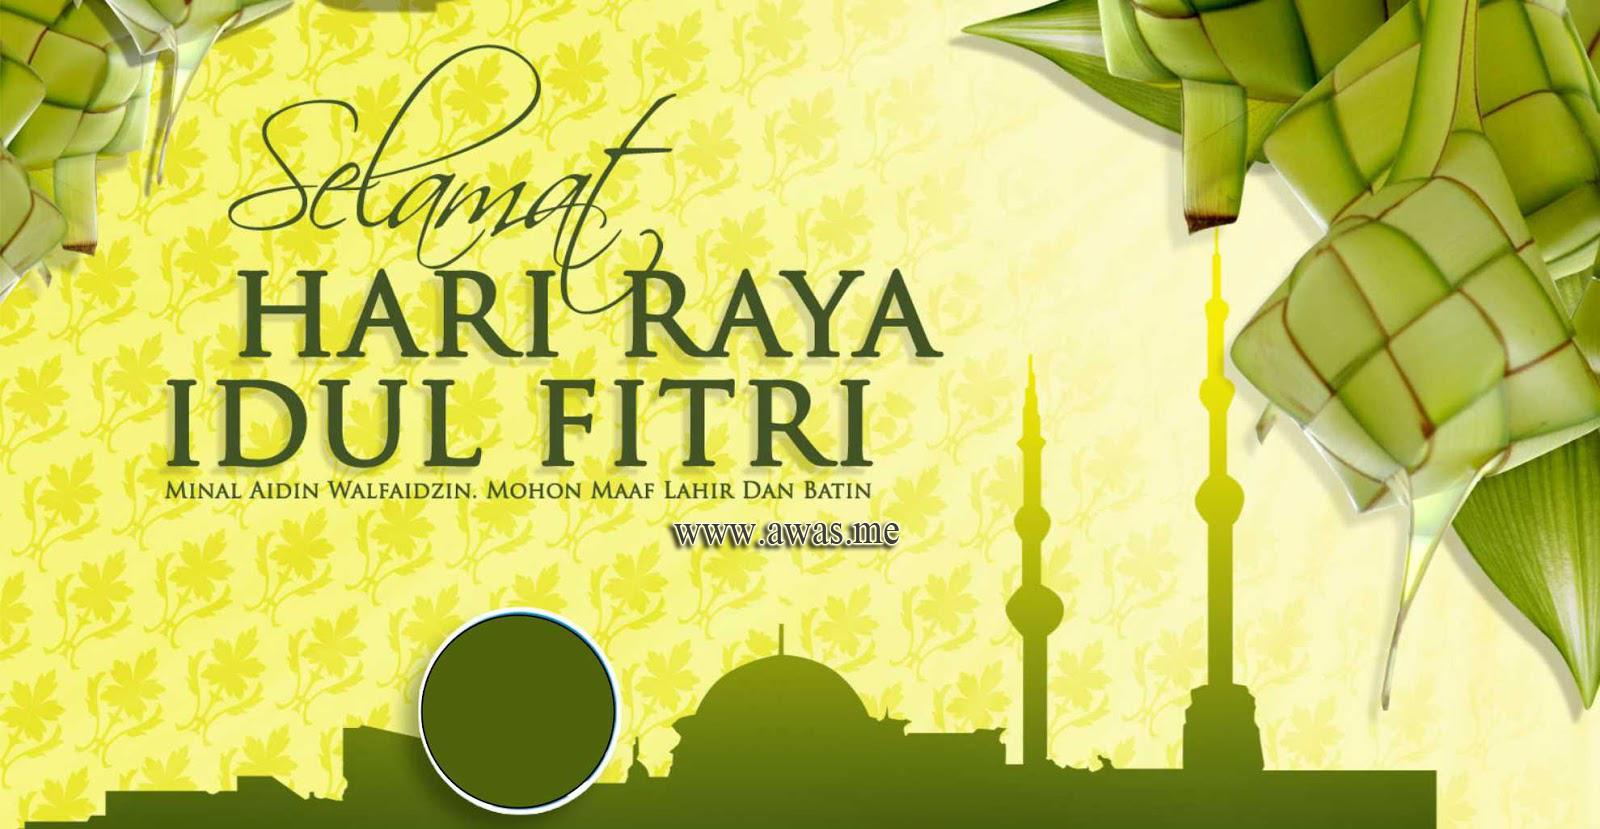 5 Contoh Banner Idul Fitri Yang Bisa Dijadikan Inspirasi Contoh Banner